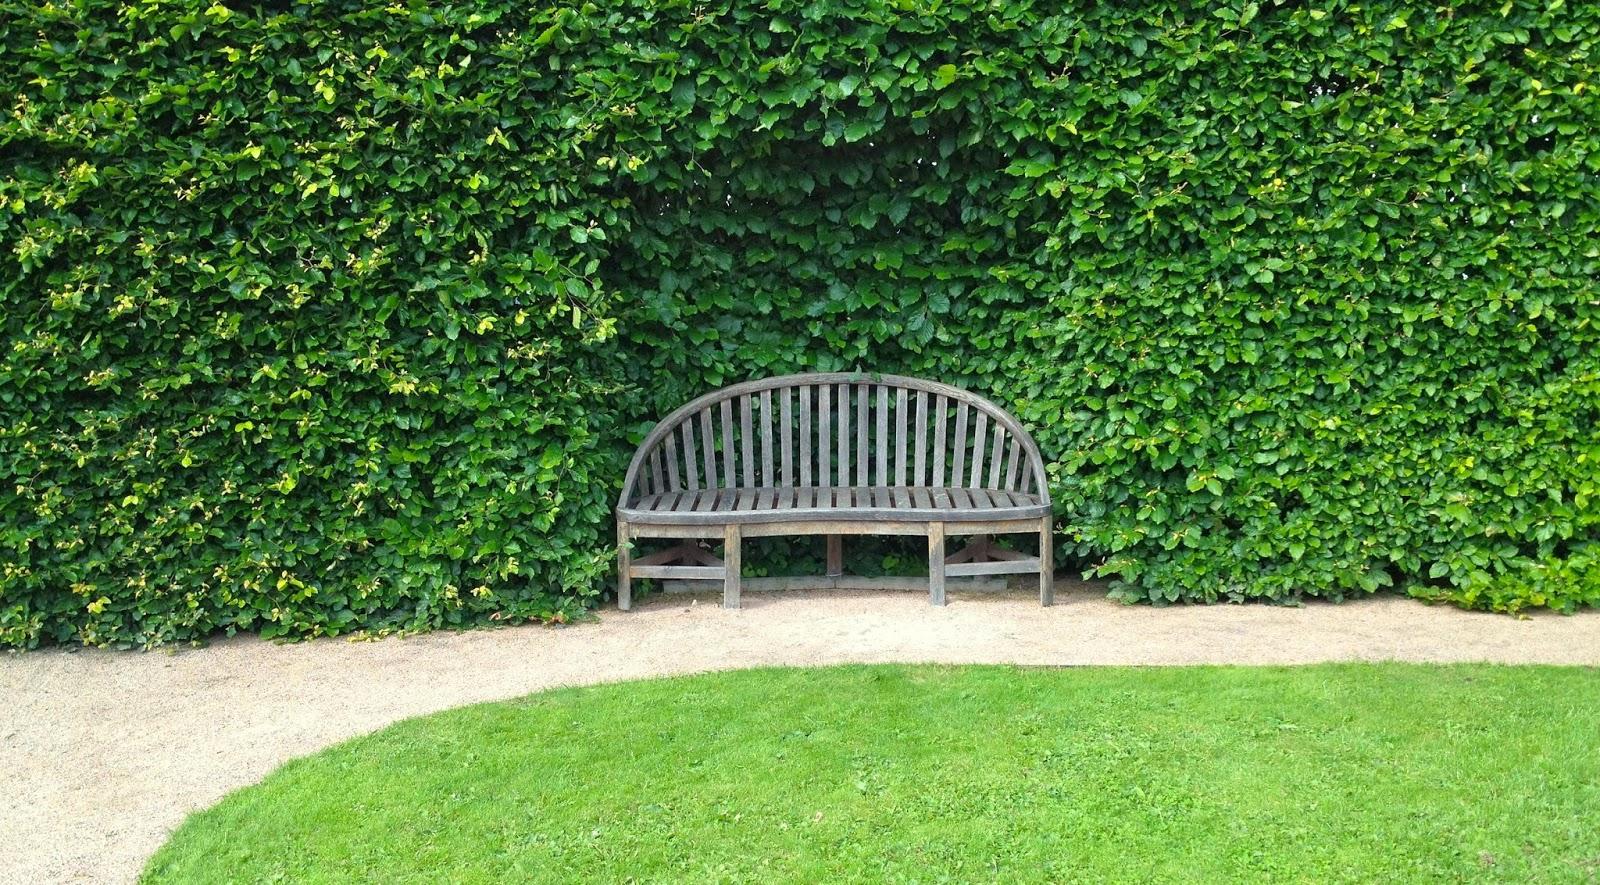 Piante Piccole Da Giardino il mondo in un giardino: sempreverdi per siepi